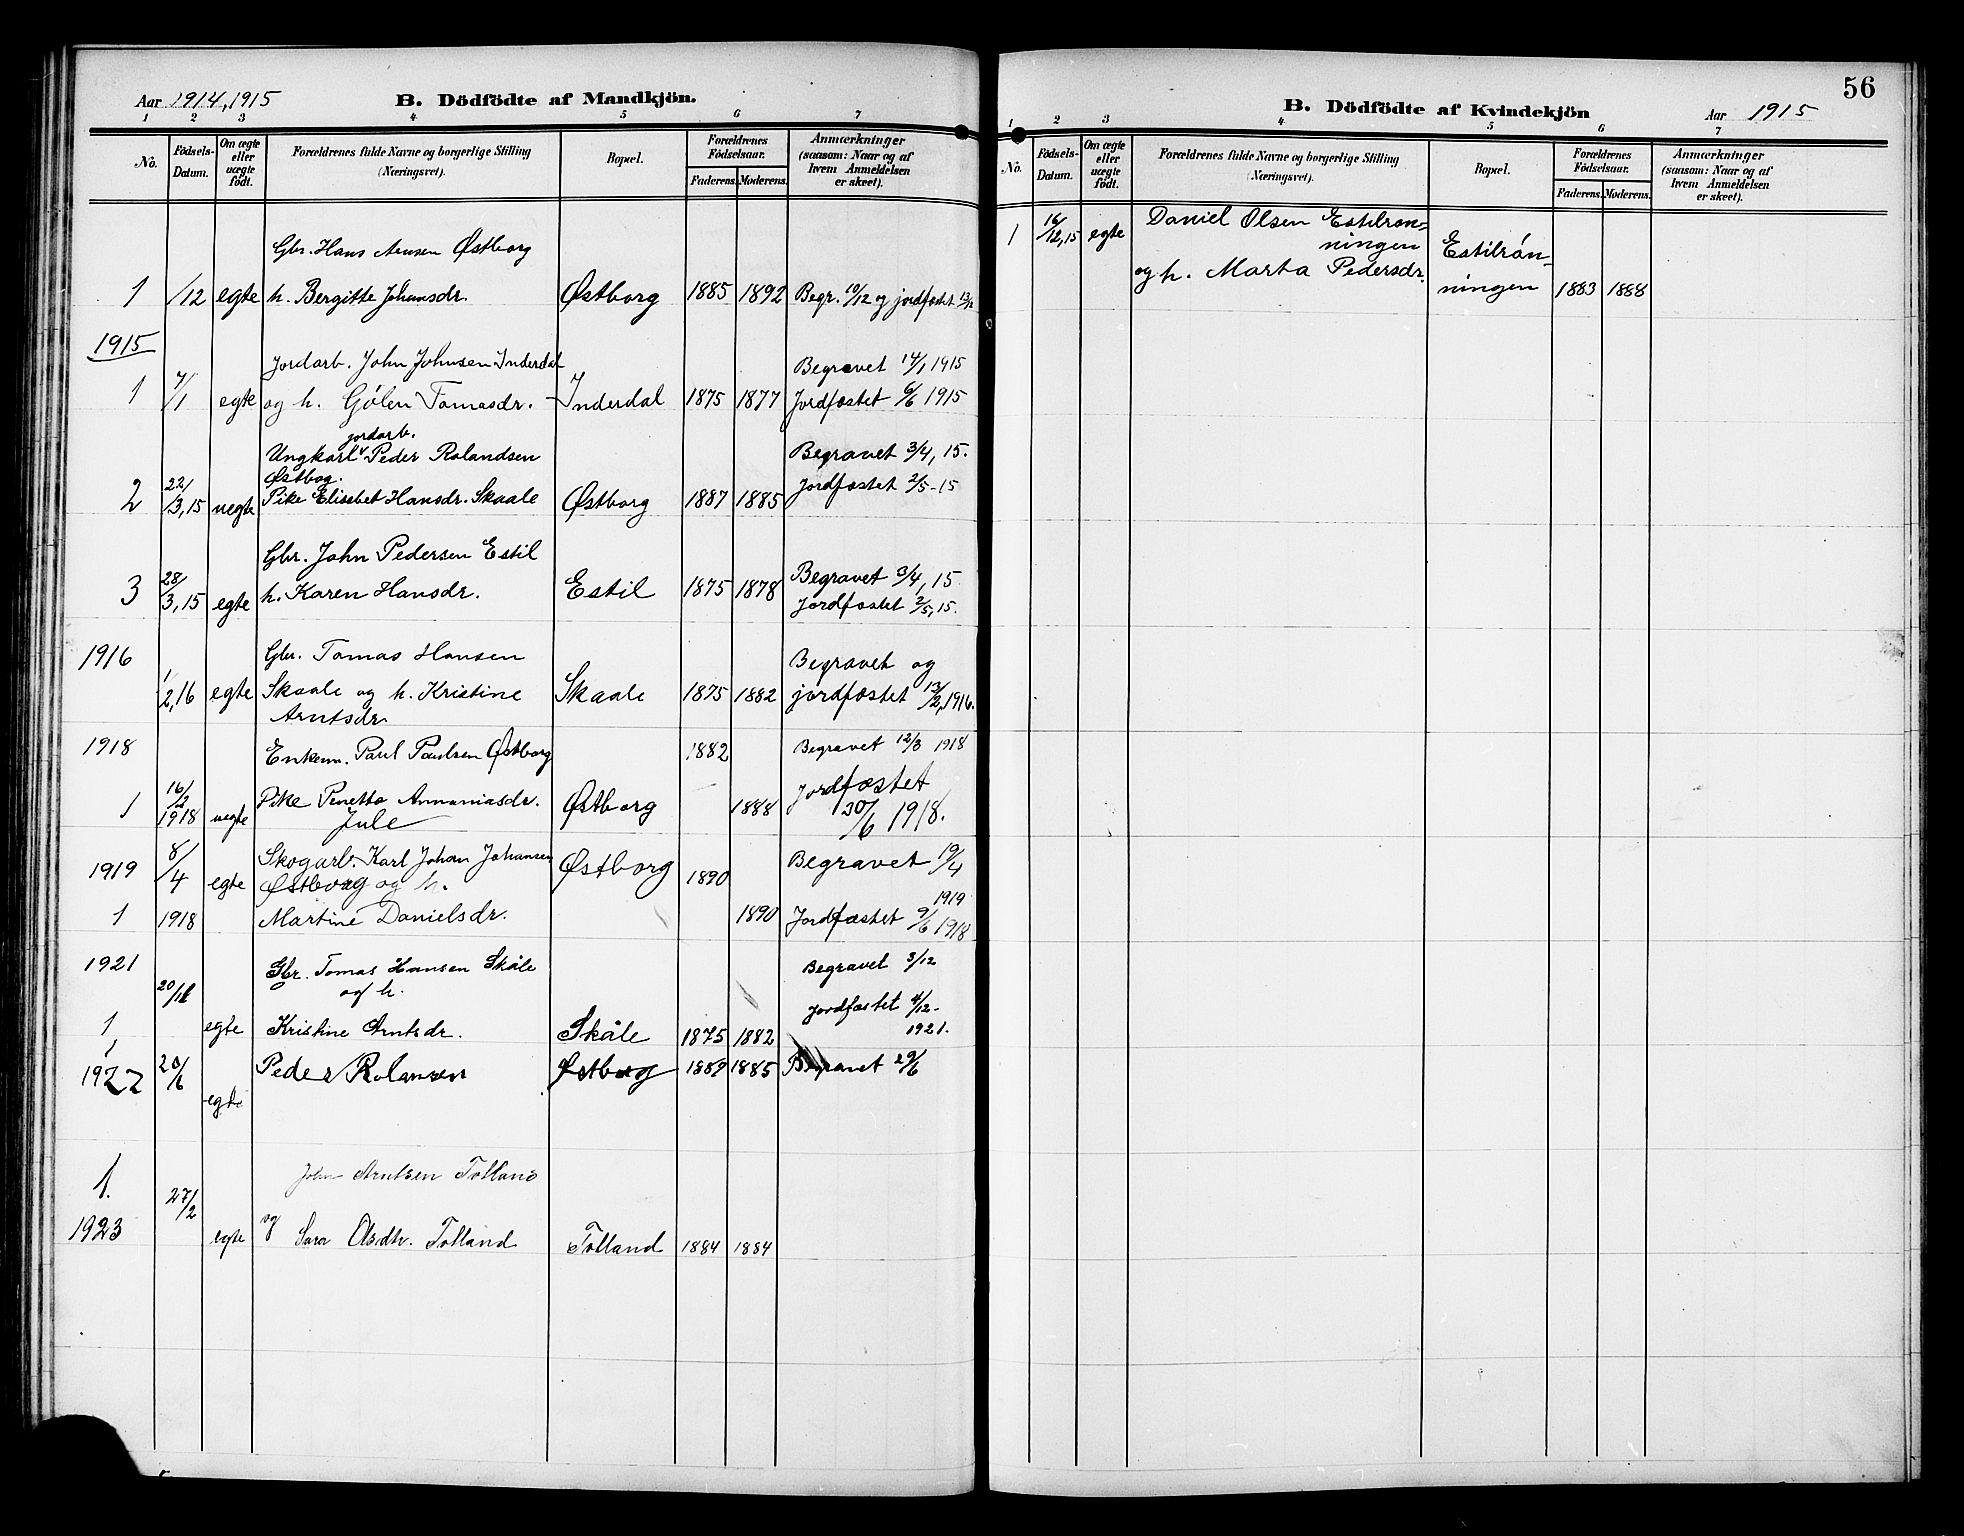 SAT, Ministerialprotokoller, klokkerbøker og fødselsregistre - Nord-Trøndelag, 757/L0506: Klokkerbok nr. 757C01, 1904-1922, s. 56